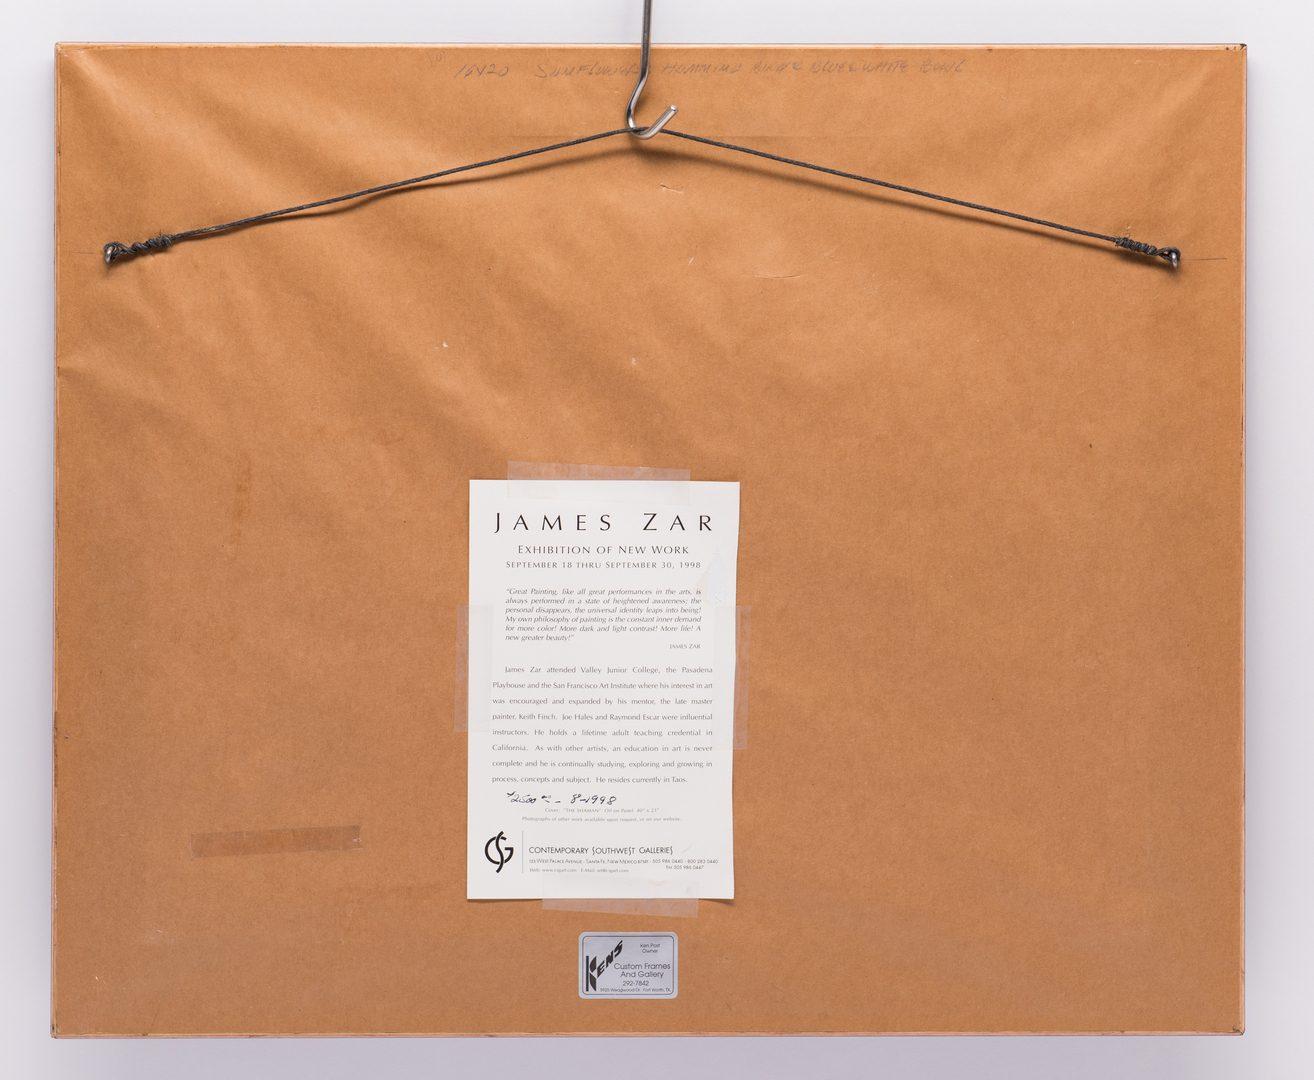 Lot 6: James Zar, Still Life with Hummingbird